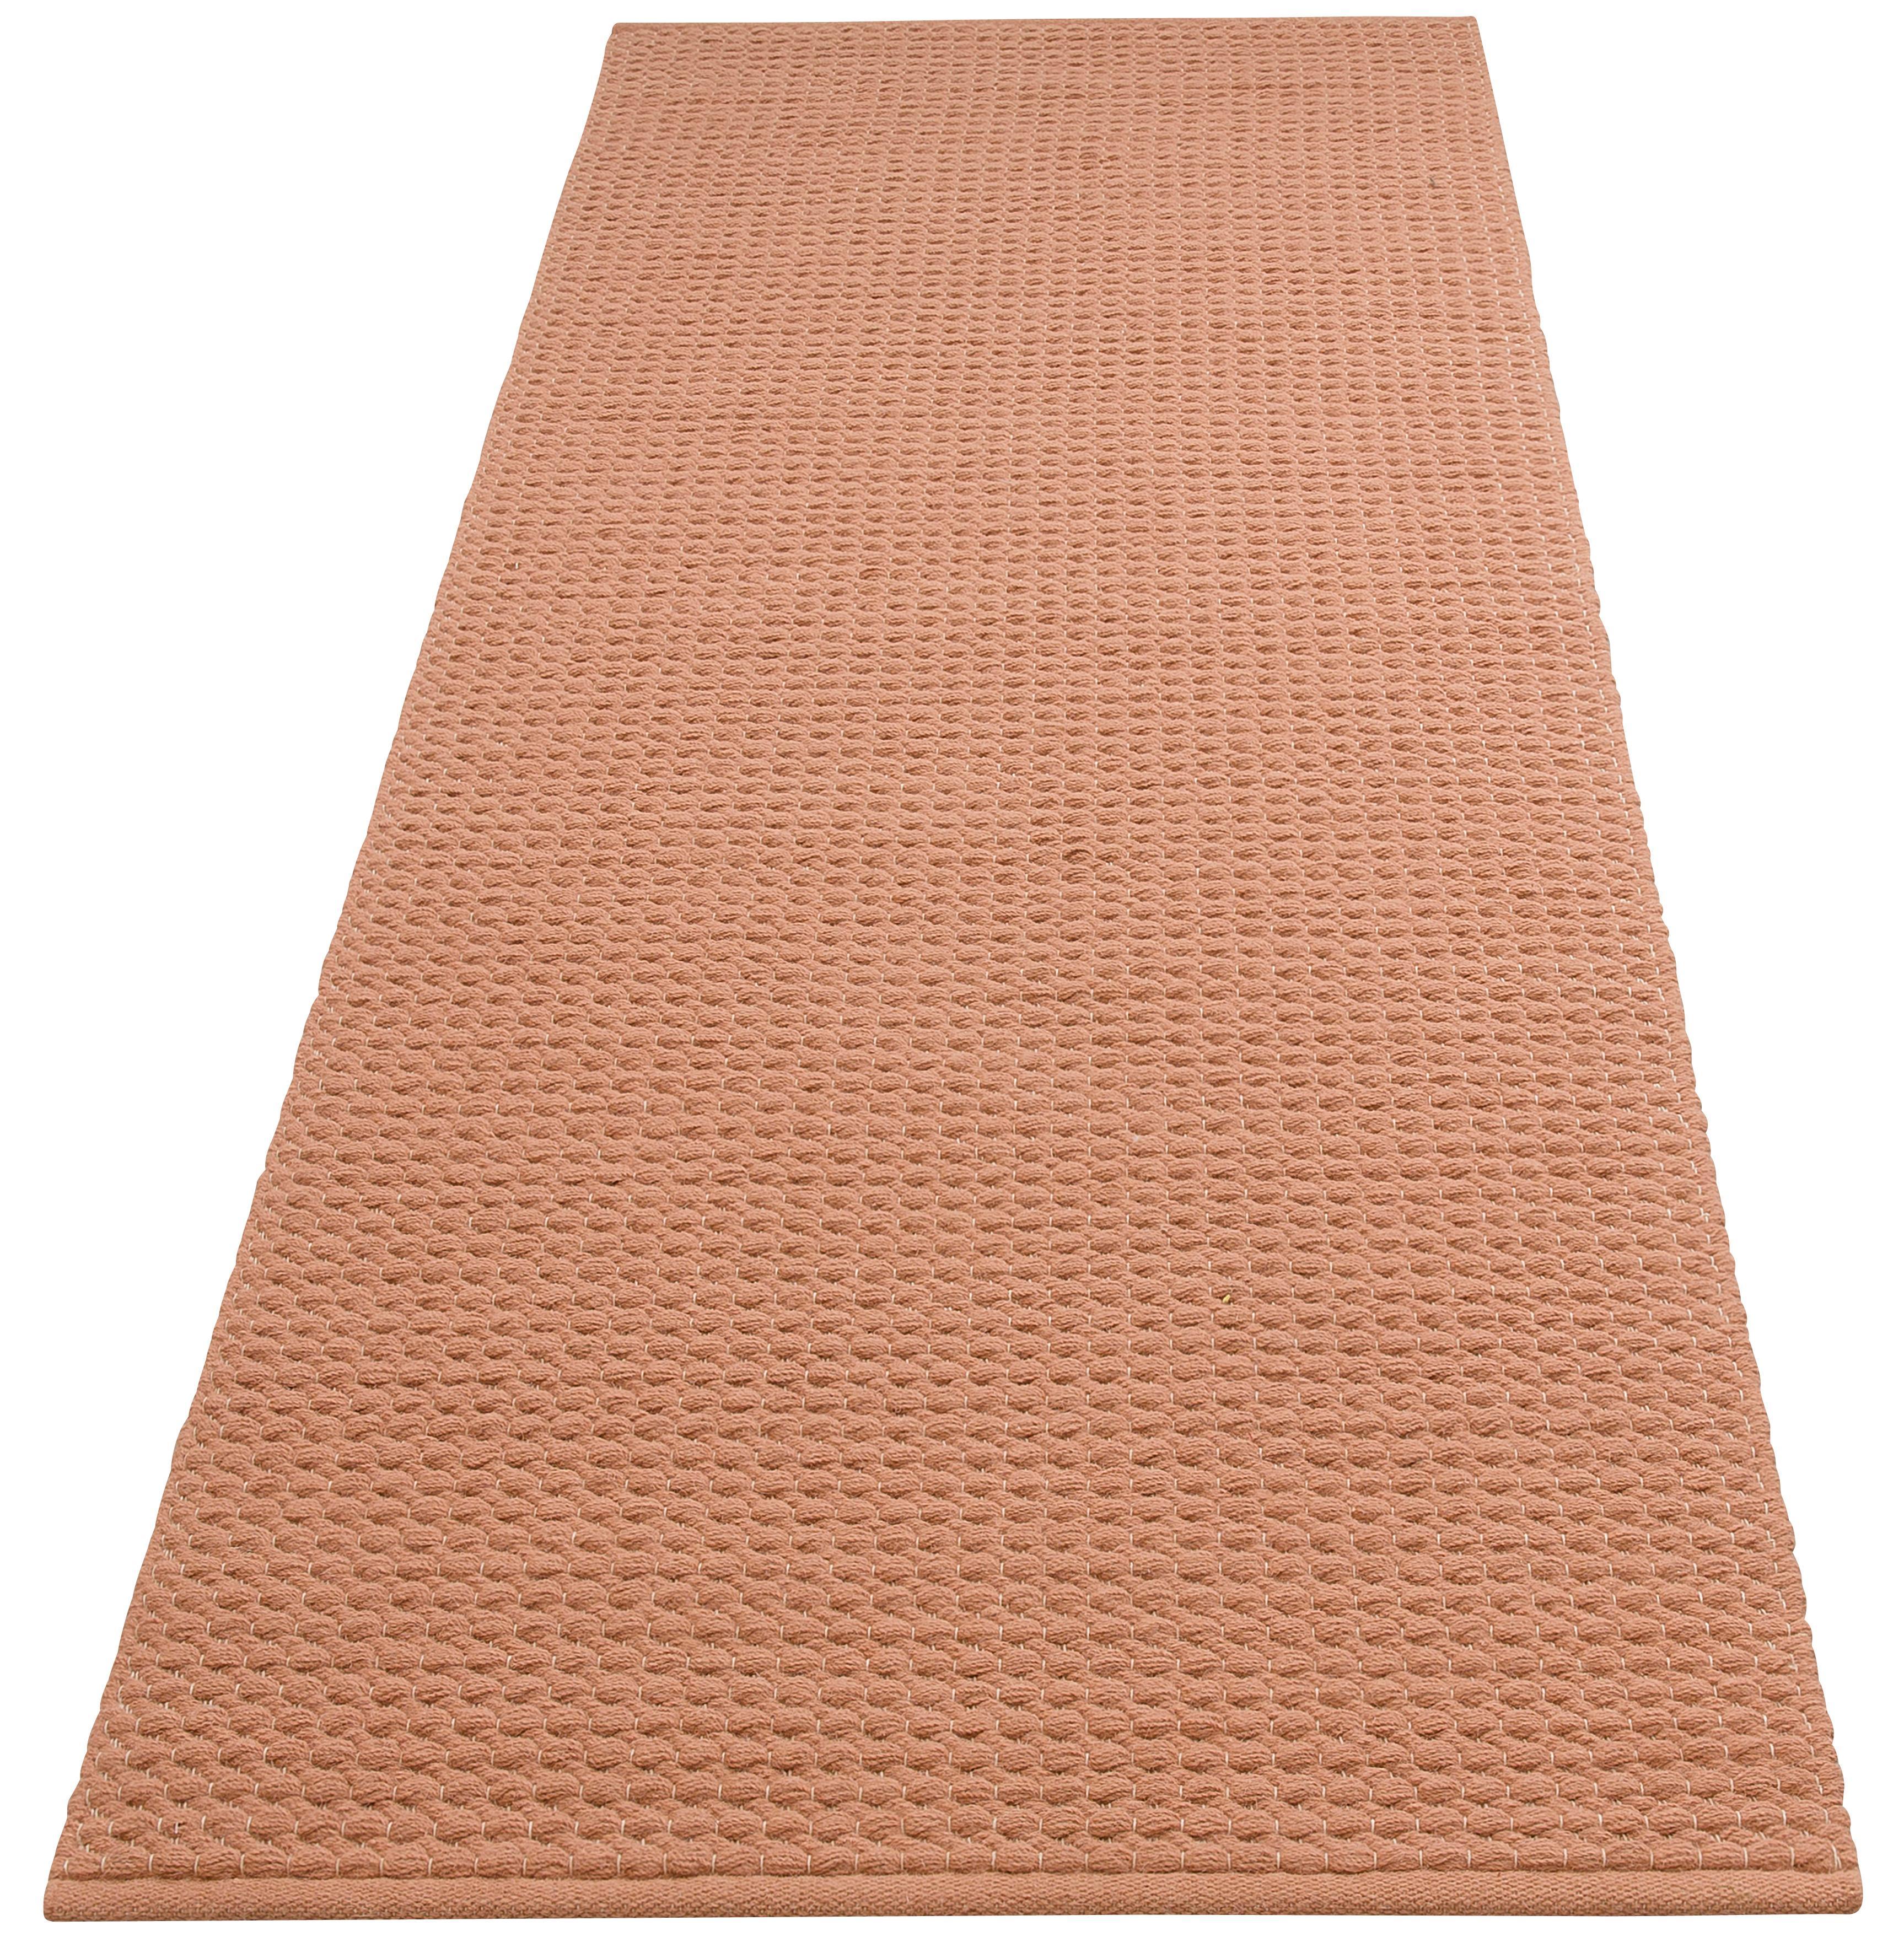 DELAVITA Läufer Sanara, rechteckig, 13 mm Höhe, Strick-Optik rosa Teppichläufer Teppiche und Diele Flur